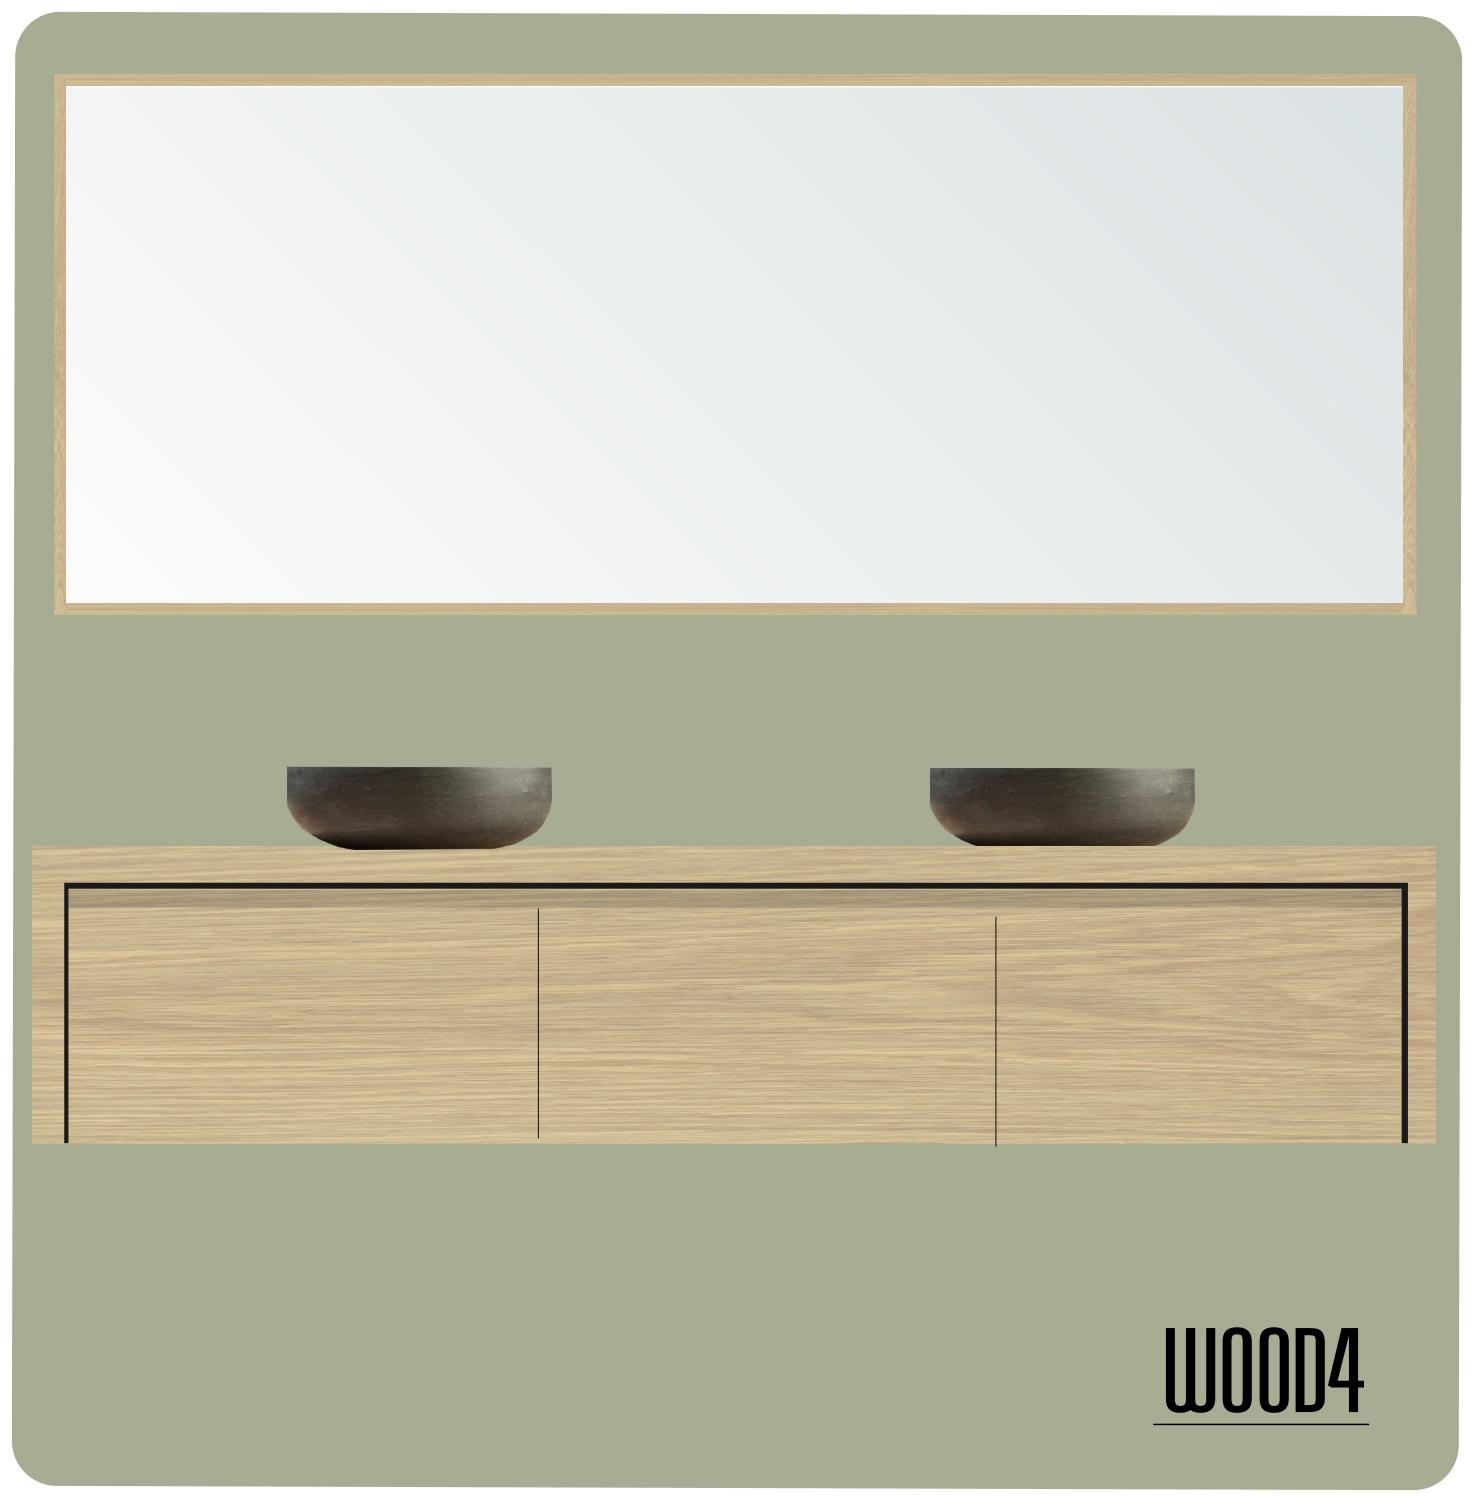 liv badkamermeubel 3 lades wood4 badkamermeubels accessoires